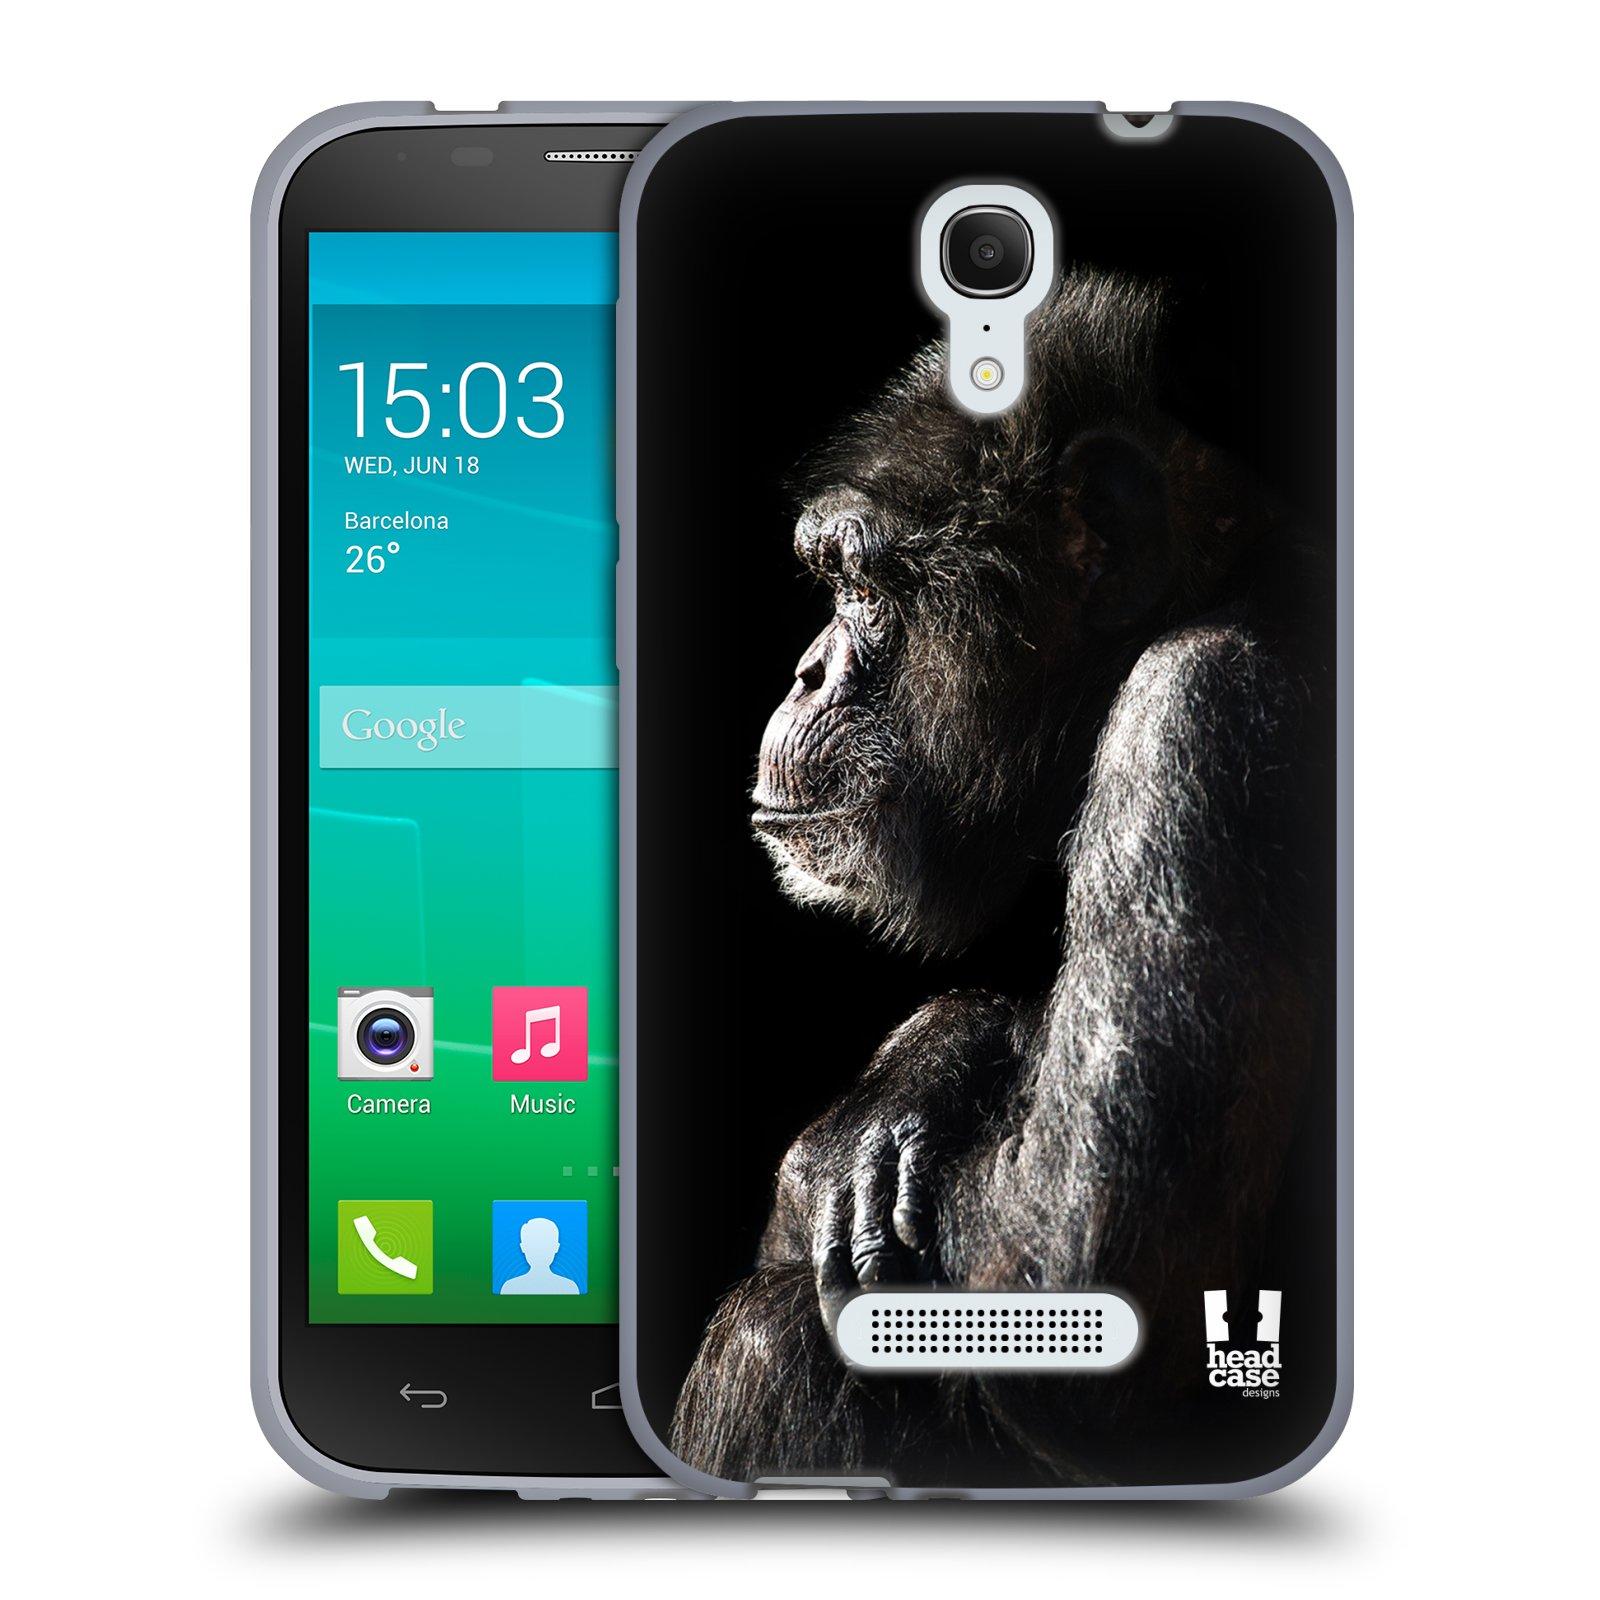 HEAD CASE silikonový obal na mobil Alcatel POP S7 vzor Divočina, Divoký život a zvířata foto ŠIMPANZ